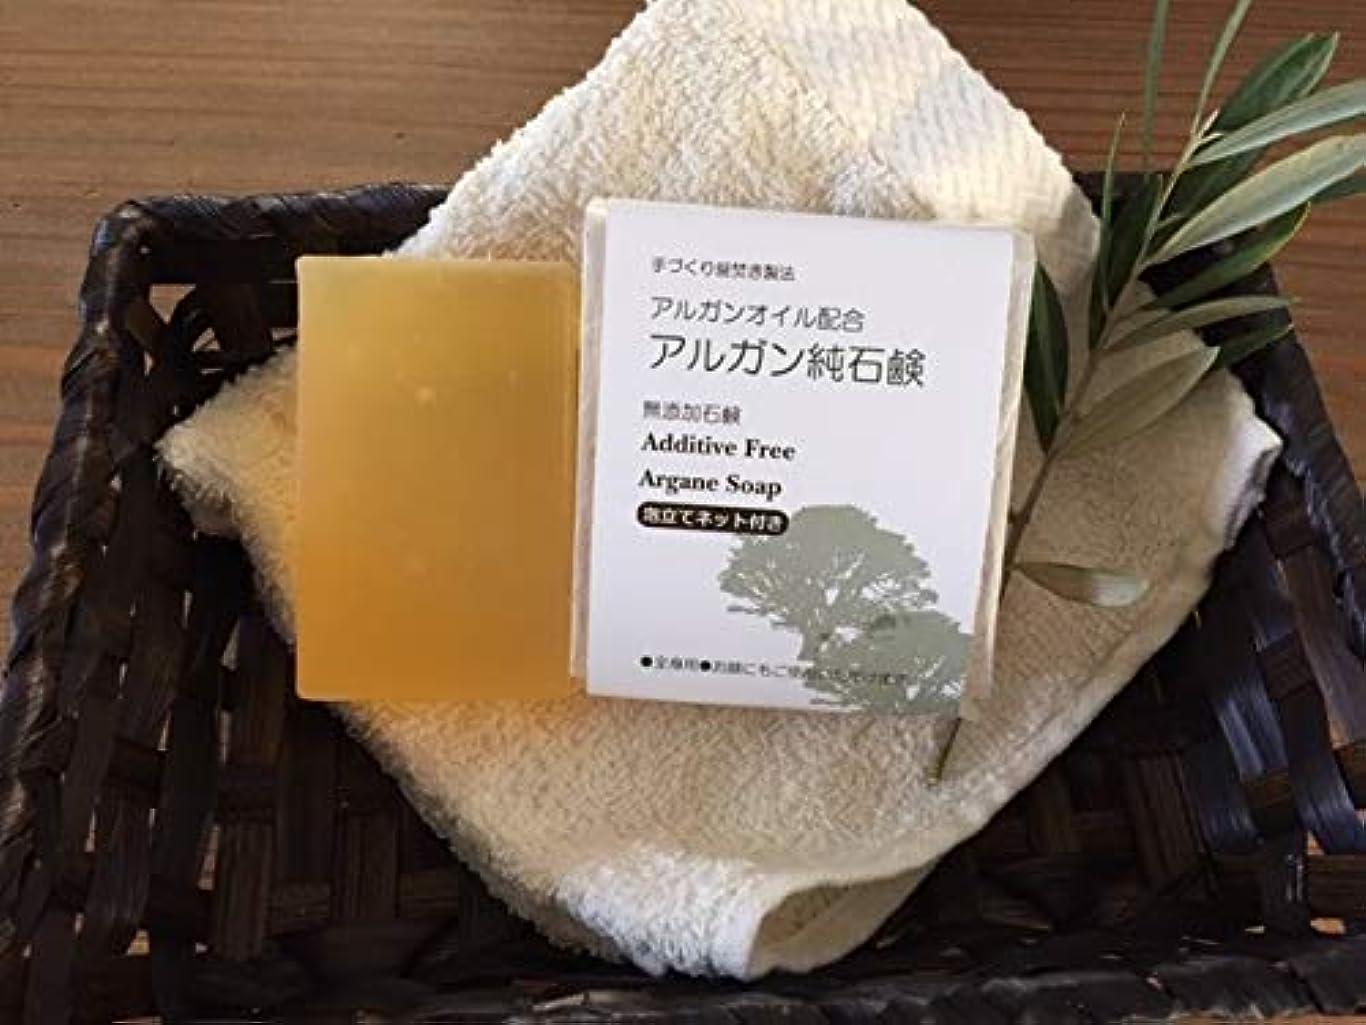 暖かさローンウィザード手づくり釜焚き石鹸 アルガン純石鹸 130g バス用ジャンボサイズ 『ゴールド 未精製 アルガンオイル配合』 有機栽培のアルガンオイルをたっぷり配合